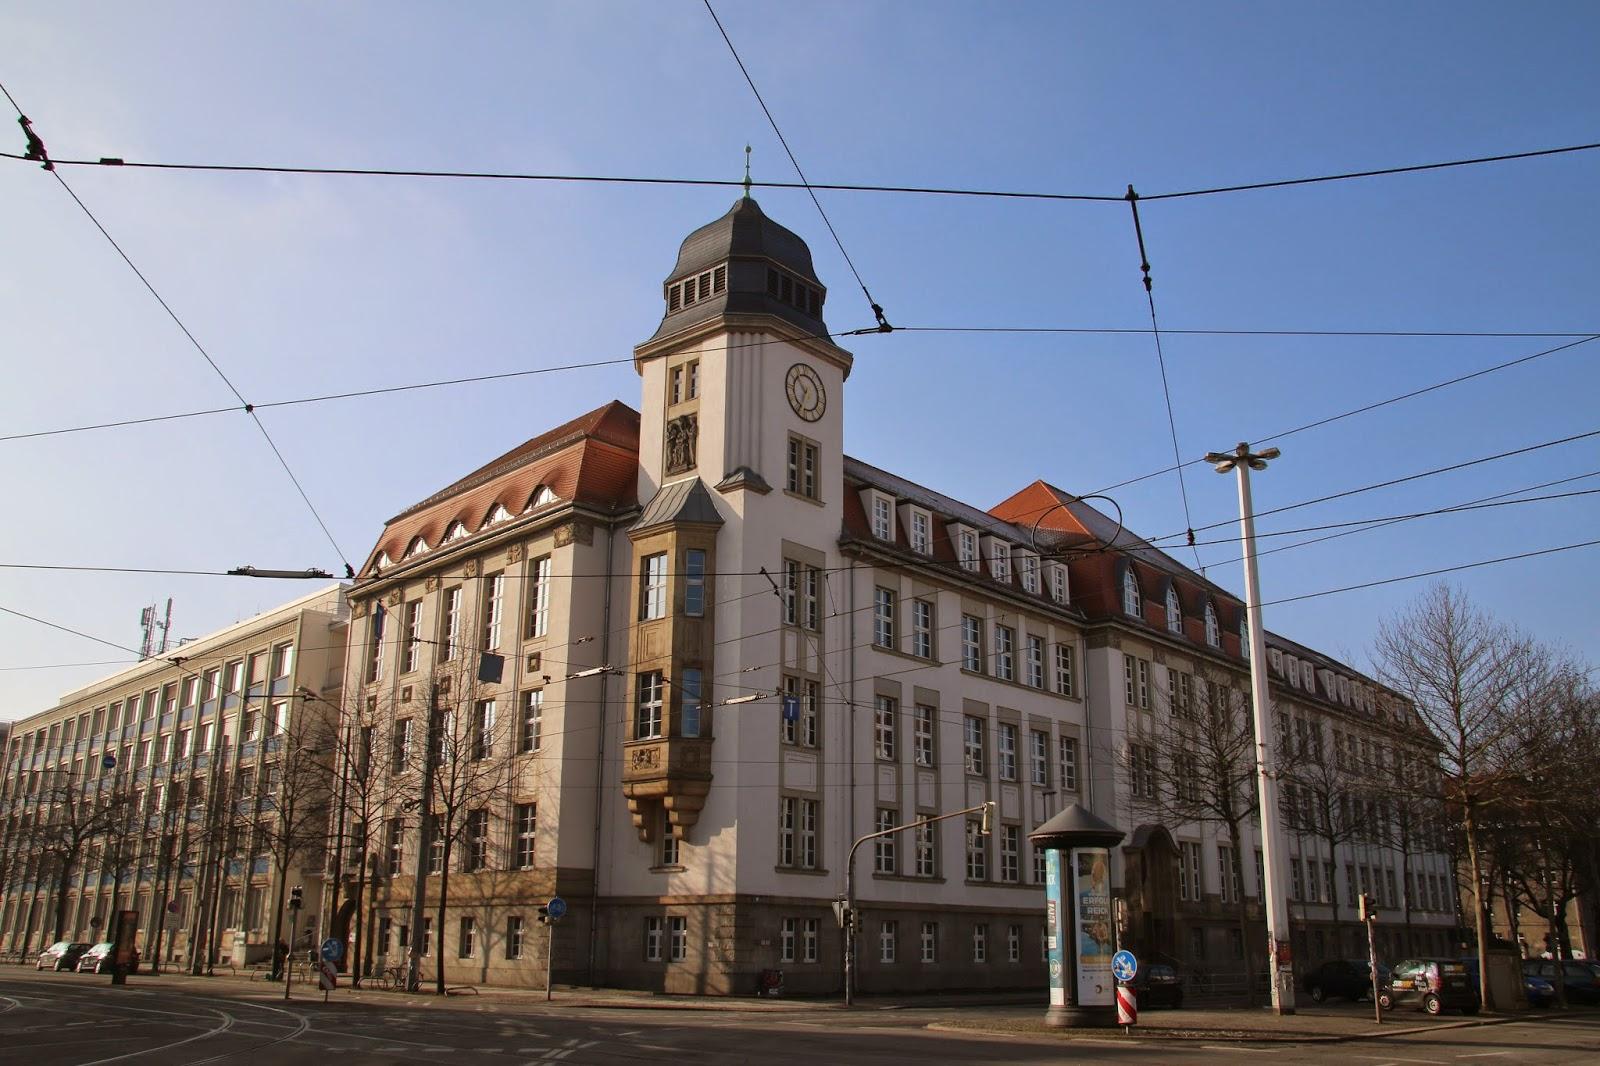 Der nach dem bekannten Architekten Albert Geutebrück benannte Geutebrück-Bau wurde von 1910 bis 1913 für die Königlich-Sächsische Baugewerkenschule zu Leipzig erbaut und beherbergt die Hochschule für Technik, Wirtschaft und Kultur Leipzig - das Gebäude befindet sich in Ecklage Karl-Liebknecht-/Richard-Lehmann-Straße